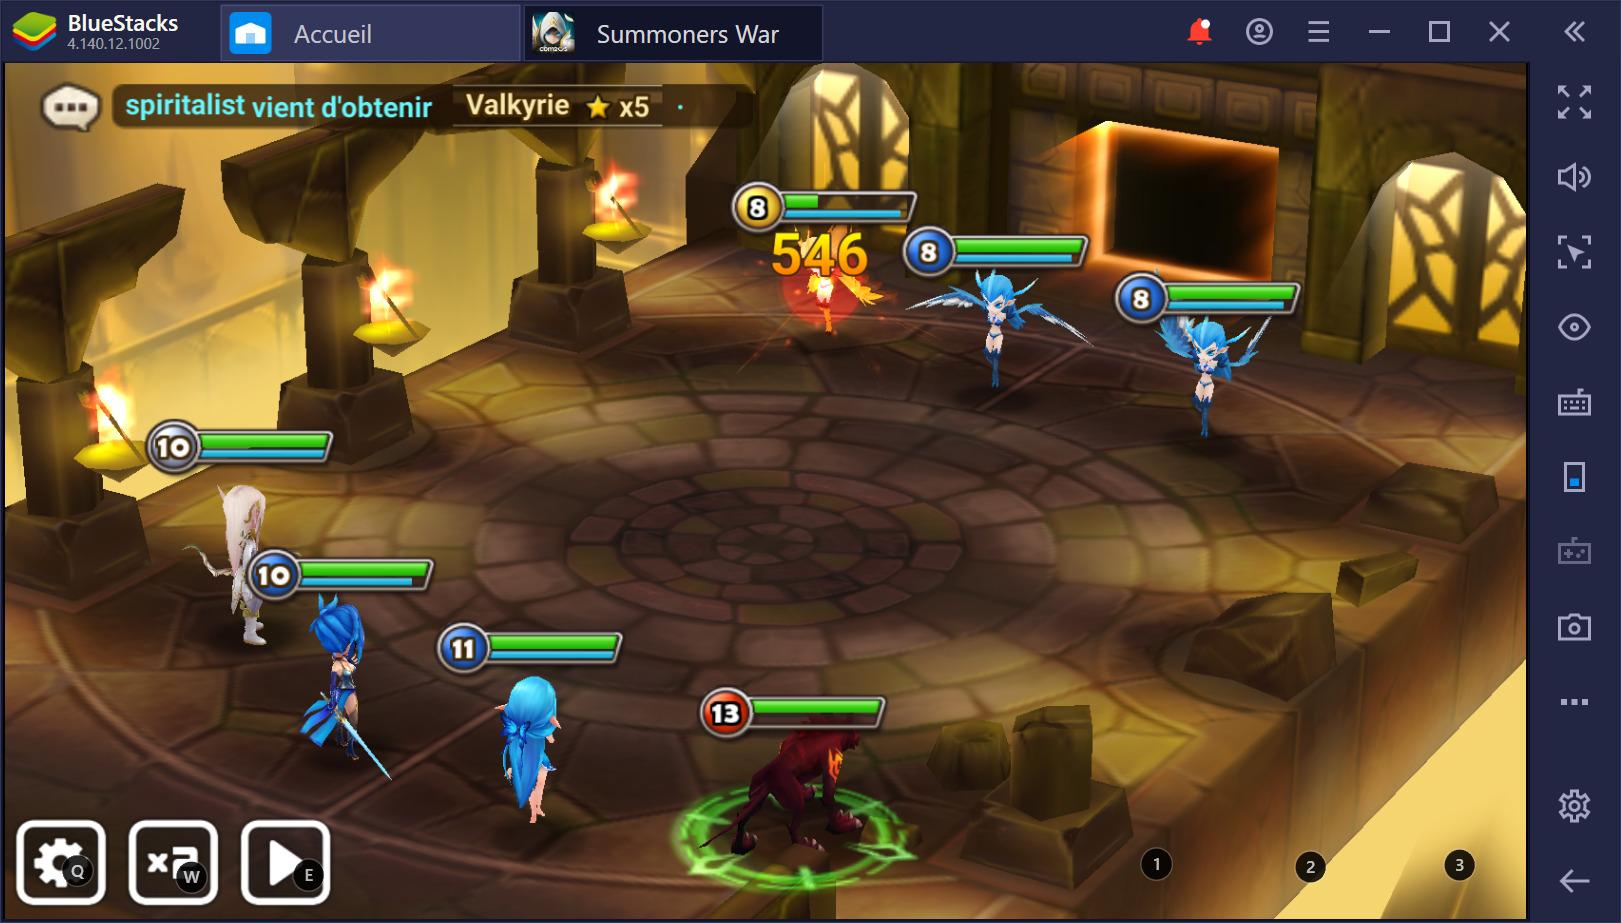 Summoners War sur PC : Comment y jouer avec BlueStacks